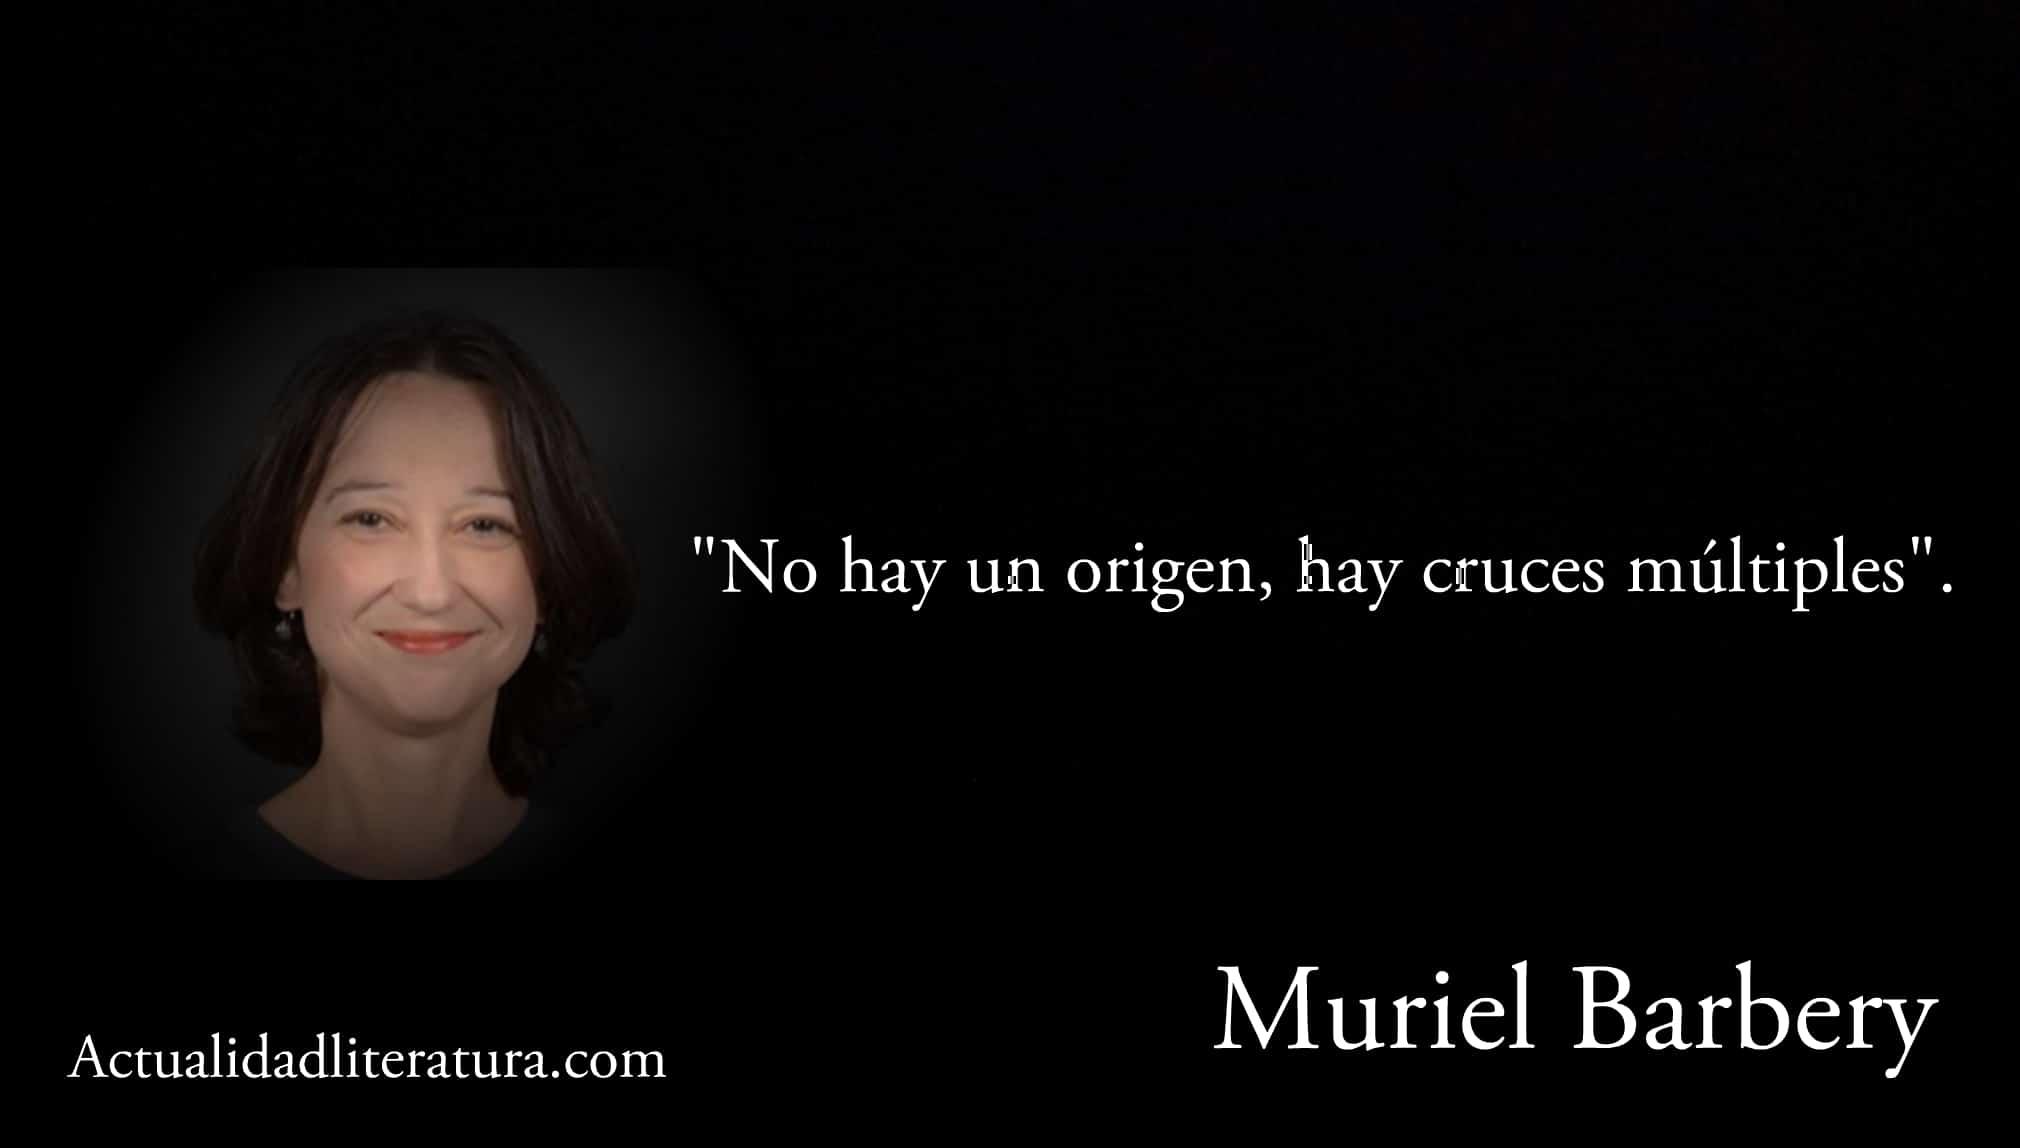 Frase de Muriel Barbery.